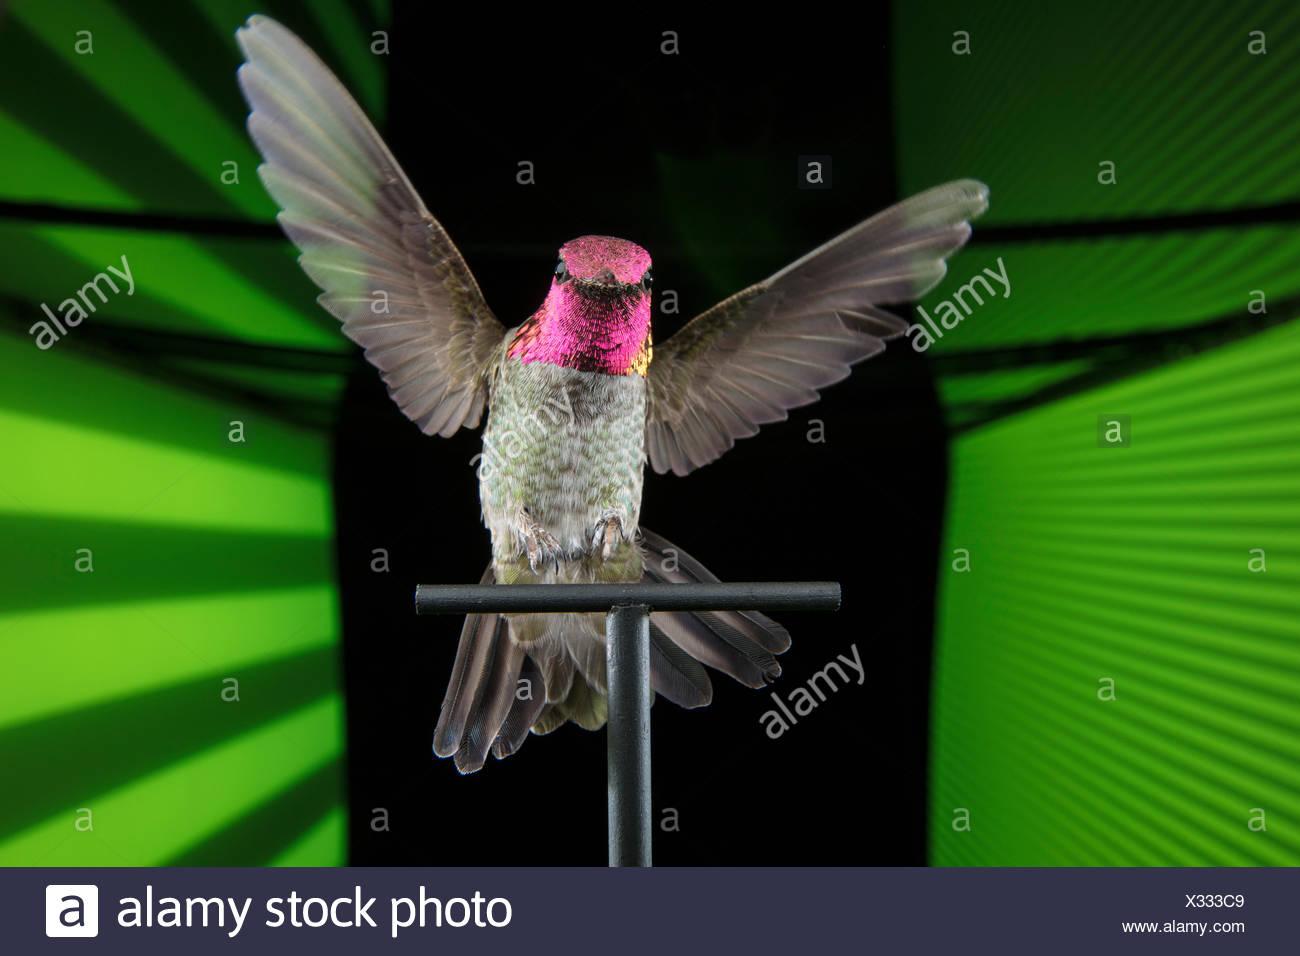 Eine Anna's Kolibri Calypte Anna, in einer virtuellen Realität Tunnel verwendet die visuelle Wahrnehmung der Kolibris zu studieren. Stockbild